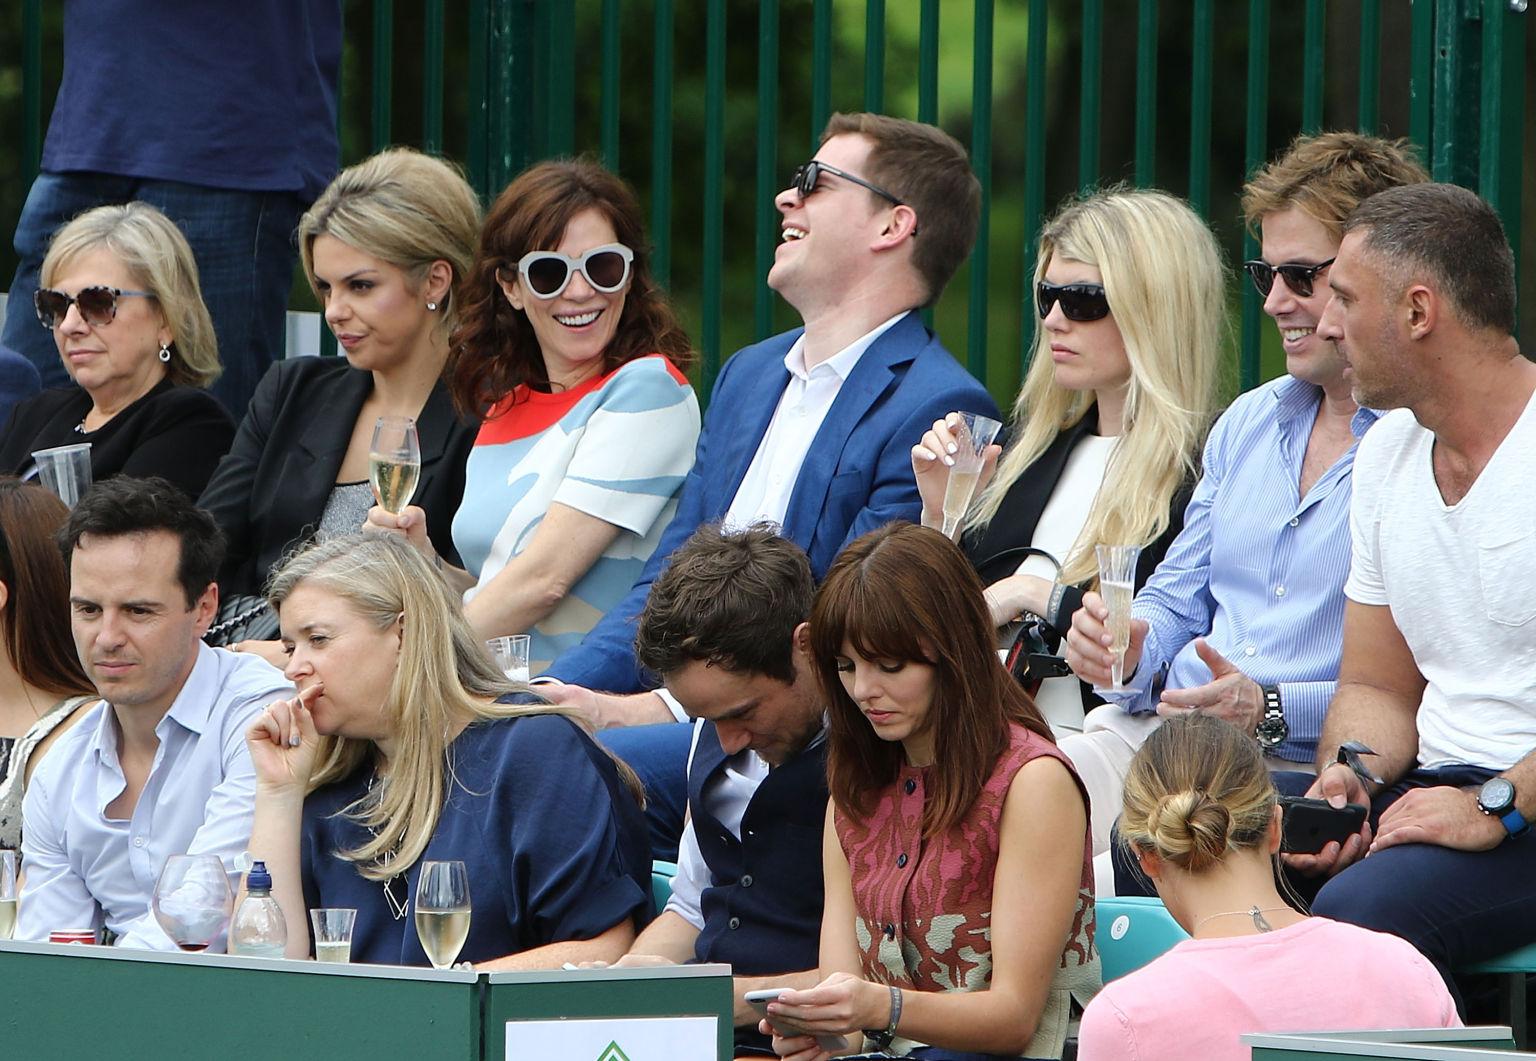 Andrew Scott, Anna Friel, Meredith Ostrom und Ophelia Lovibond am Centre Court des Stoke Parks.